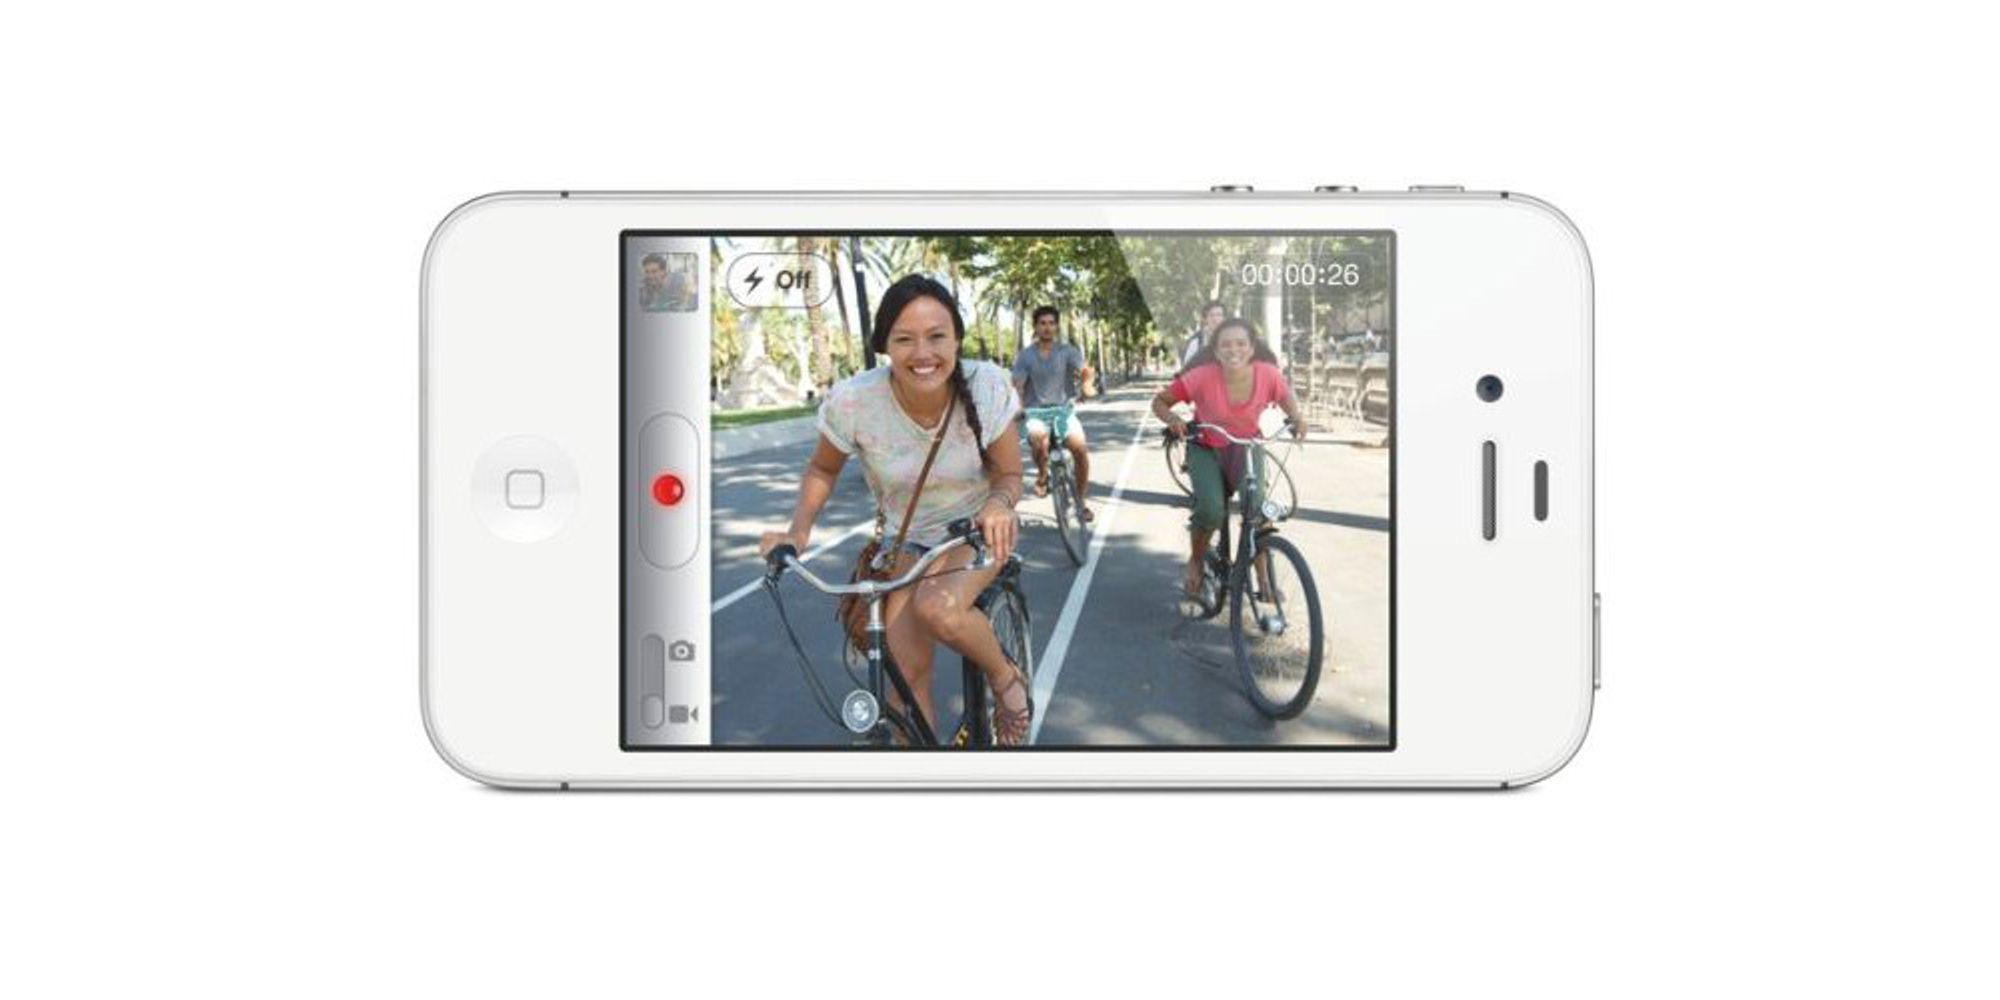 Fikser batteriproblemene i iPhone 4S